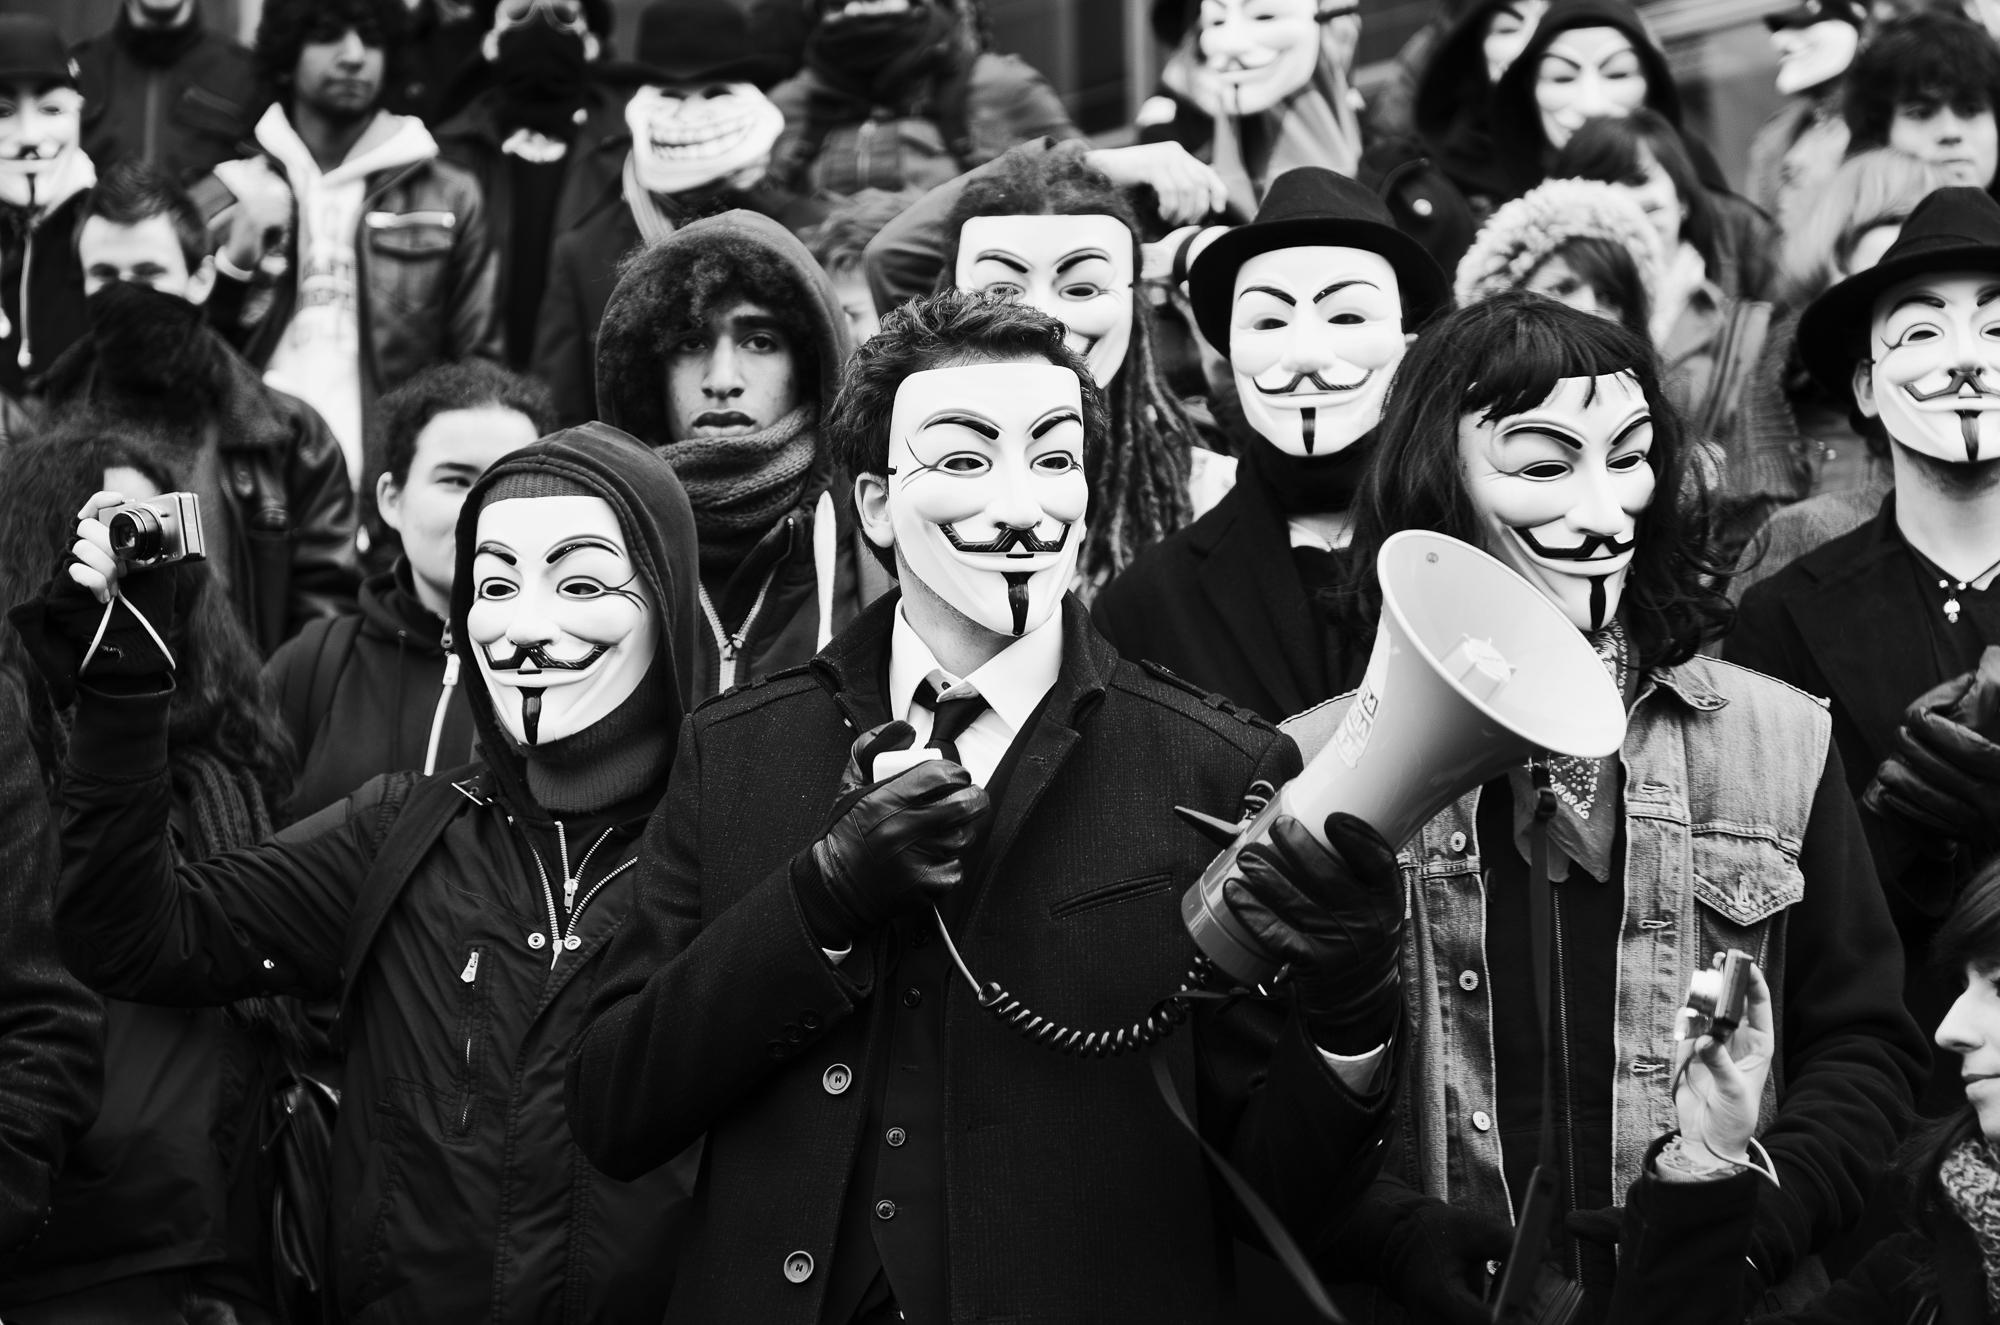 Rally against the ACTA - Bastille  PHOTOGRAPHY: ALEXANDER J.E. BRADLEY • NIKON D7000 • AF-S NIKKOR 24-70mm f/2.8G ED @ 70mm • F/2.8 • 1/125 • ISO 100